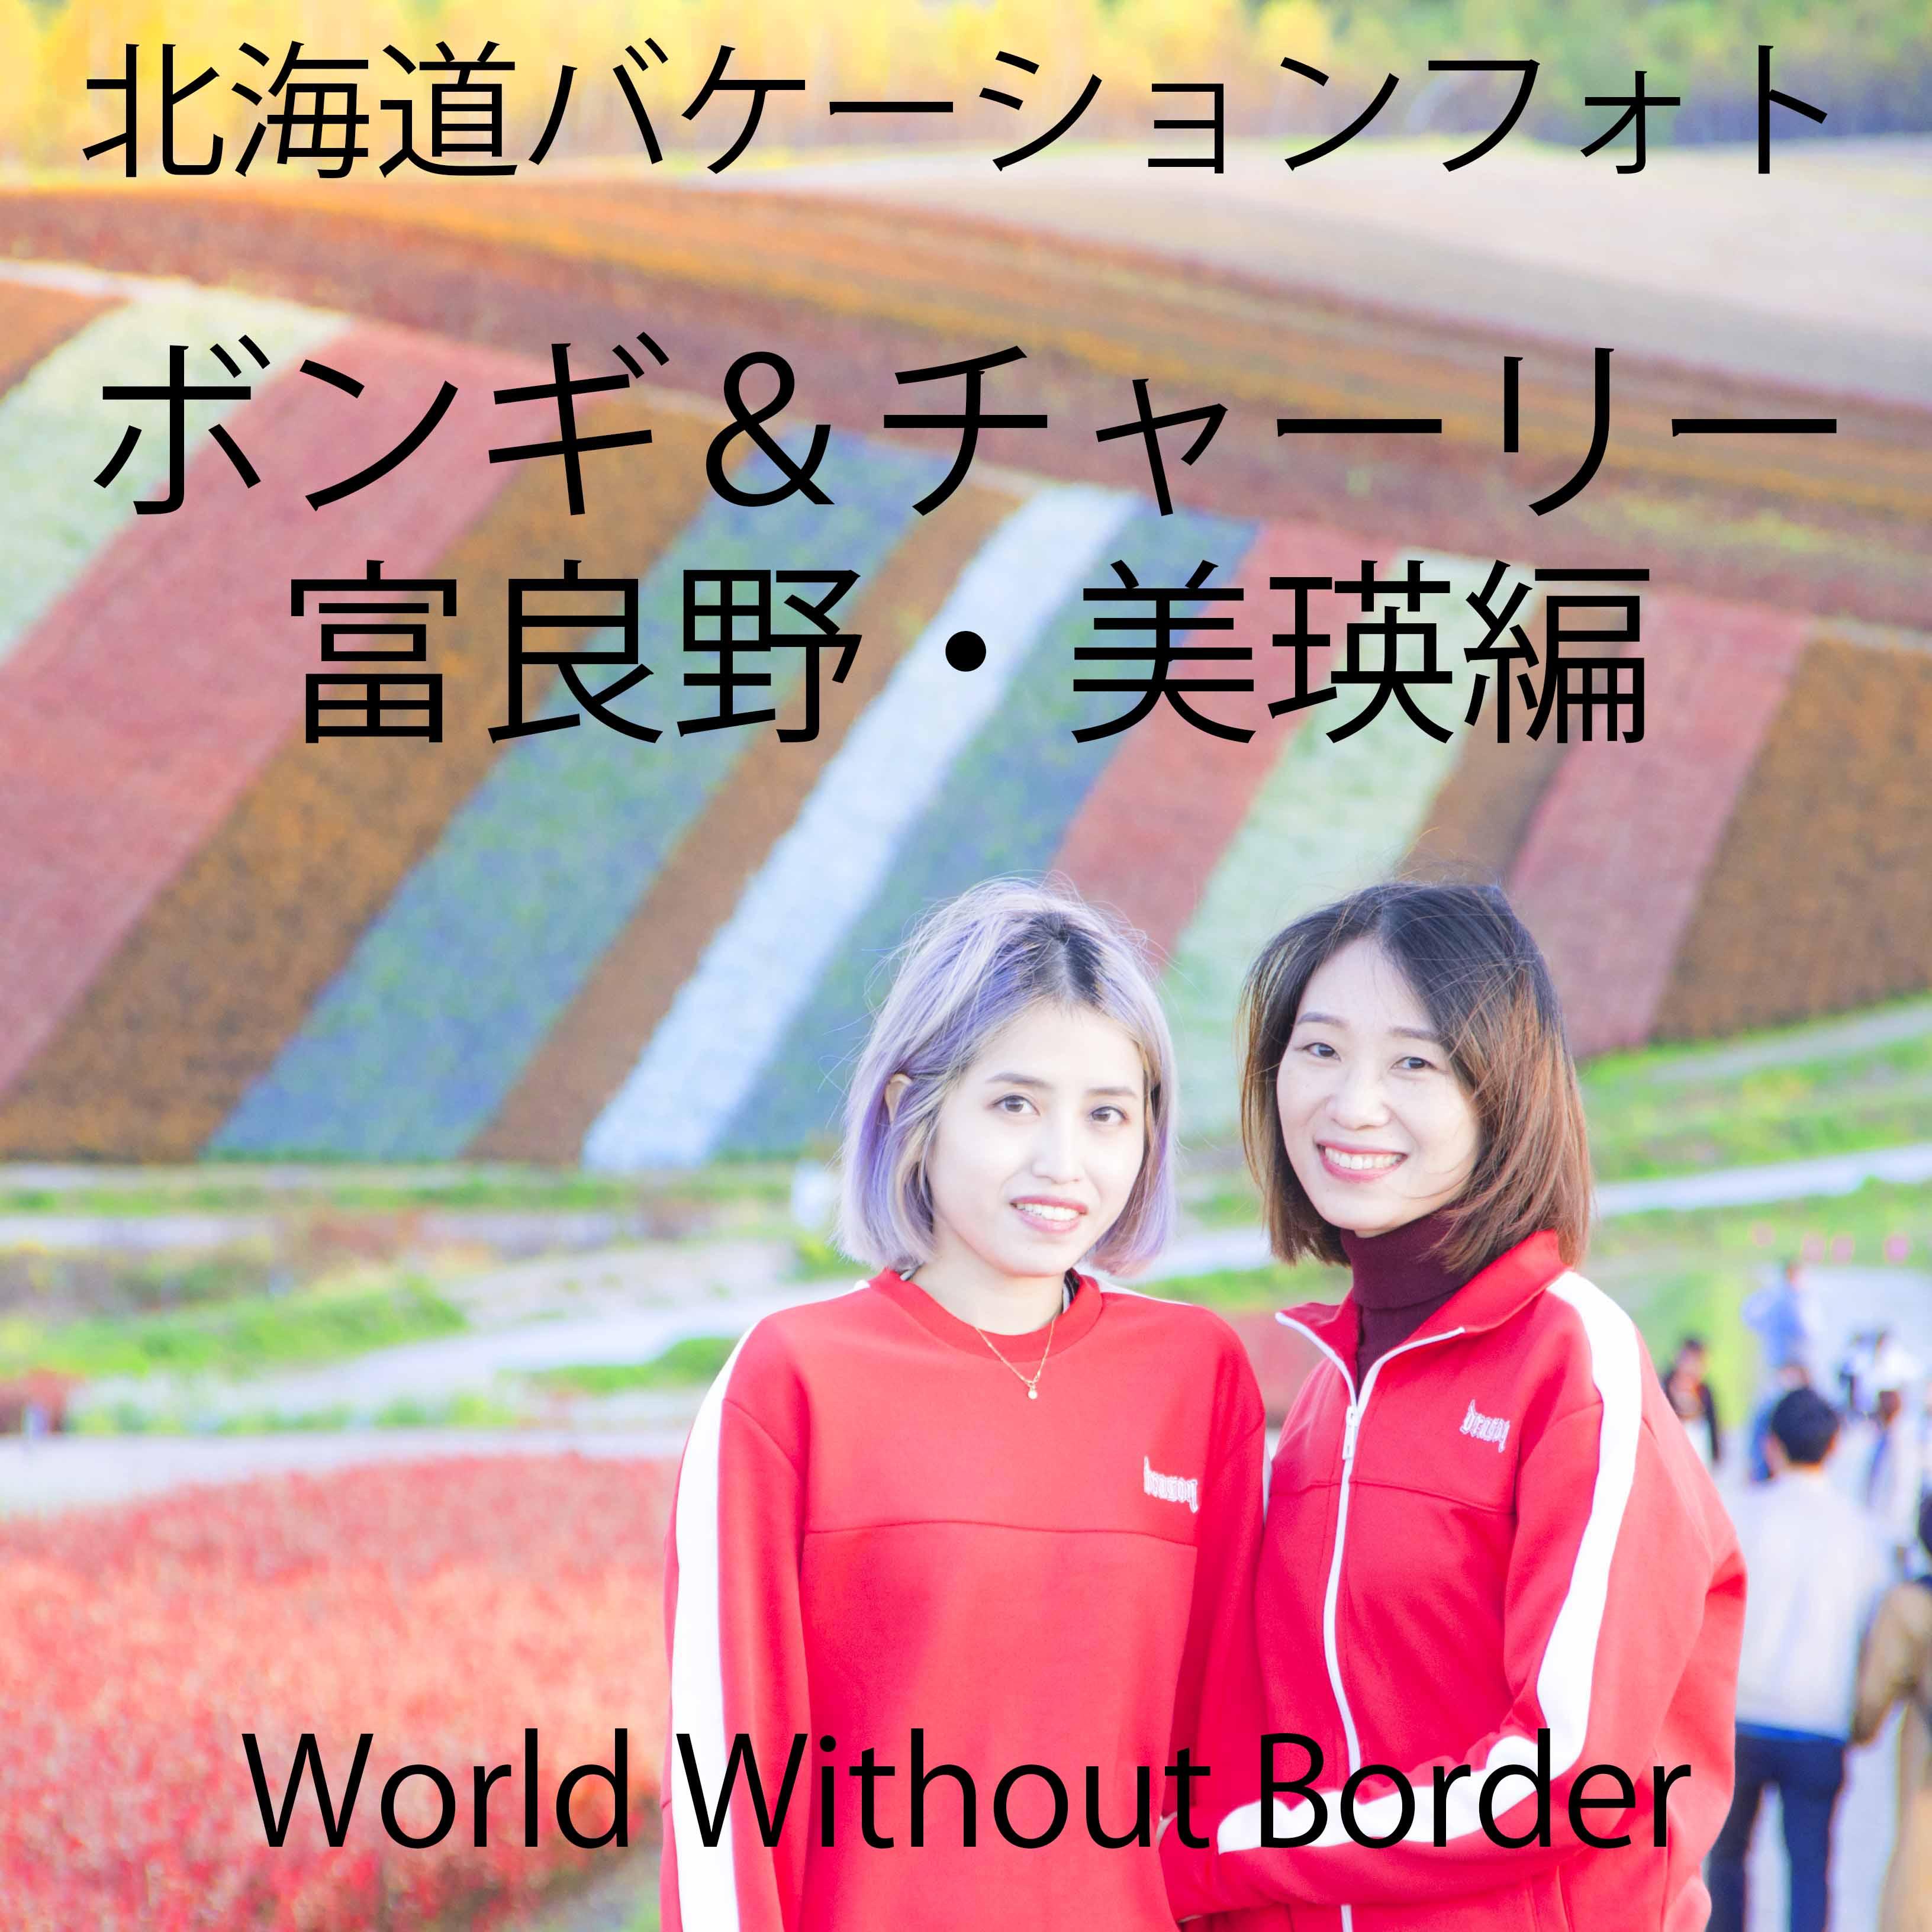 北海道バケーションフォトツアー 札幌から富良野美瑛日帰りおすすめルート